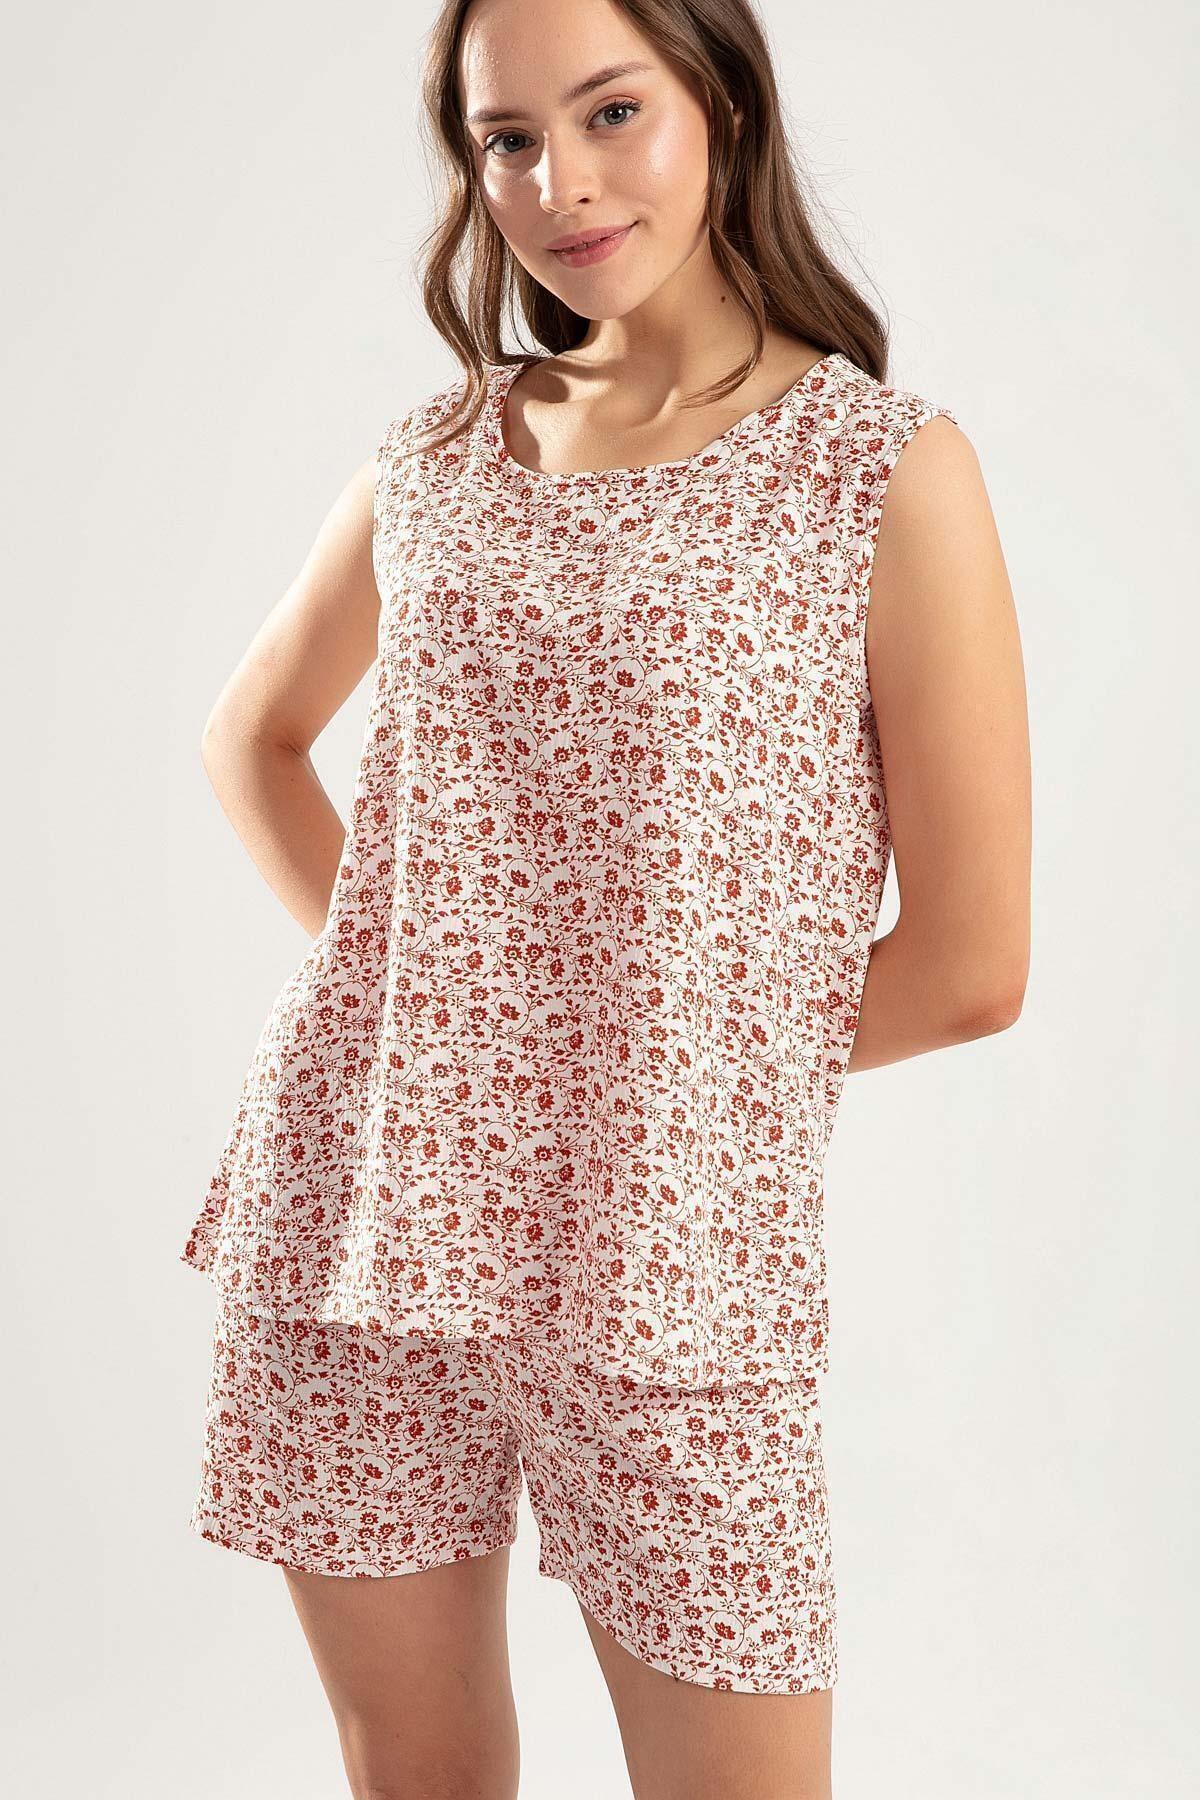 Pattaya Kadın Çiçekli Şortlu Pijama Takımı Y20s110-6478-1 1